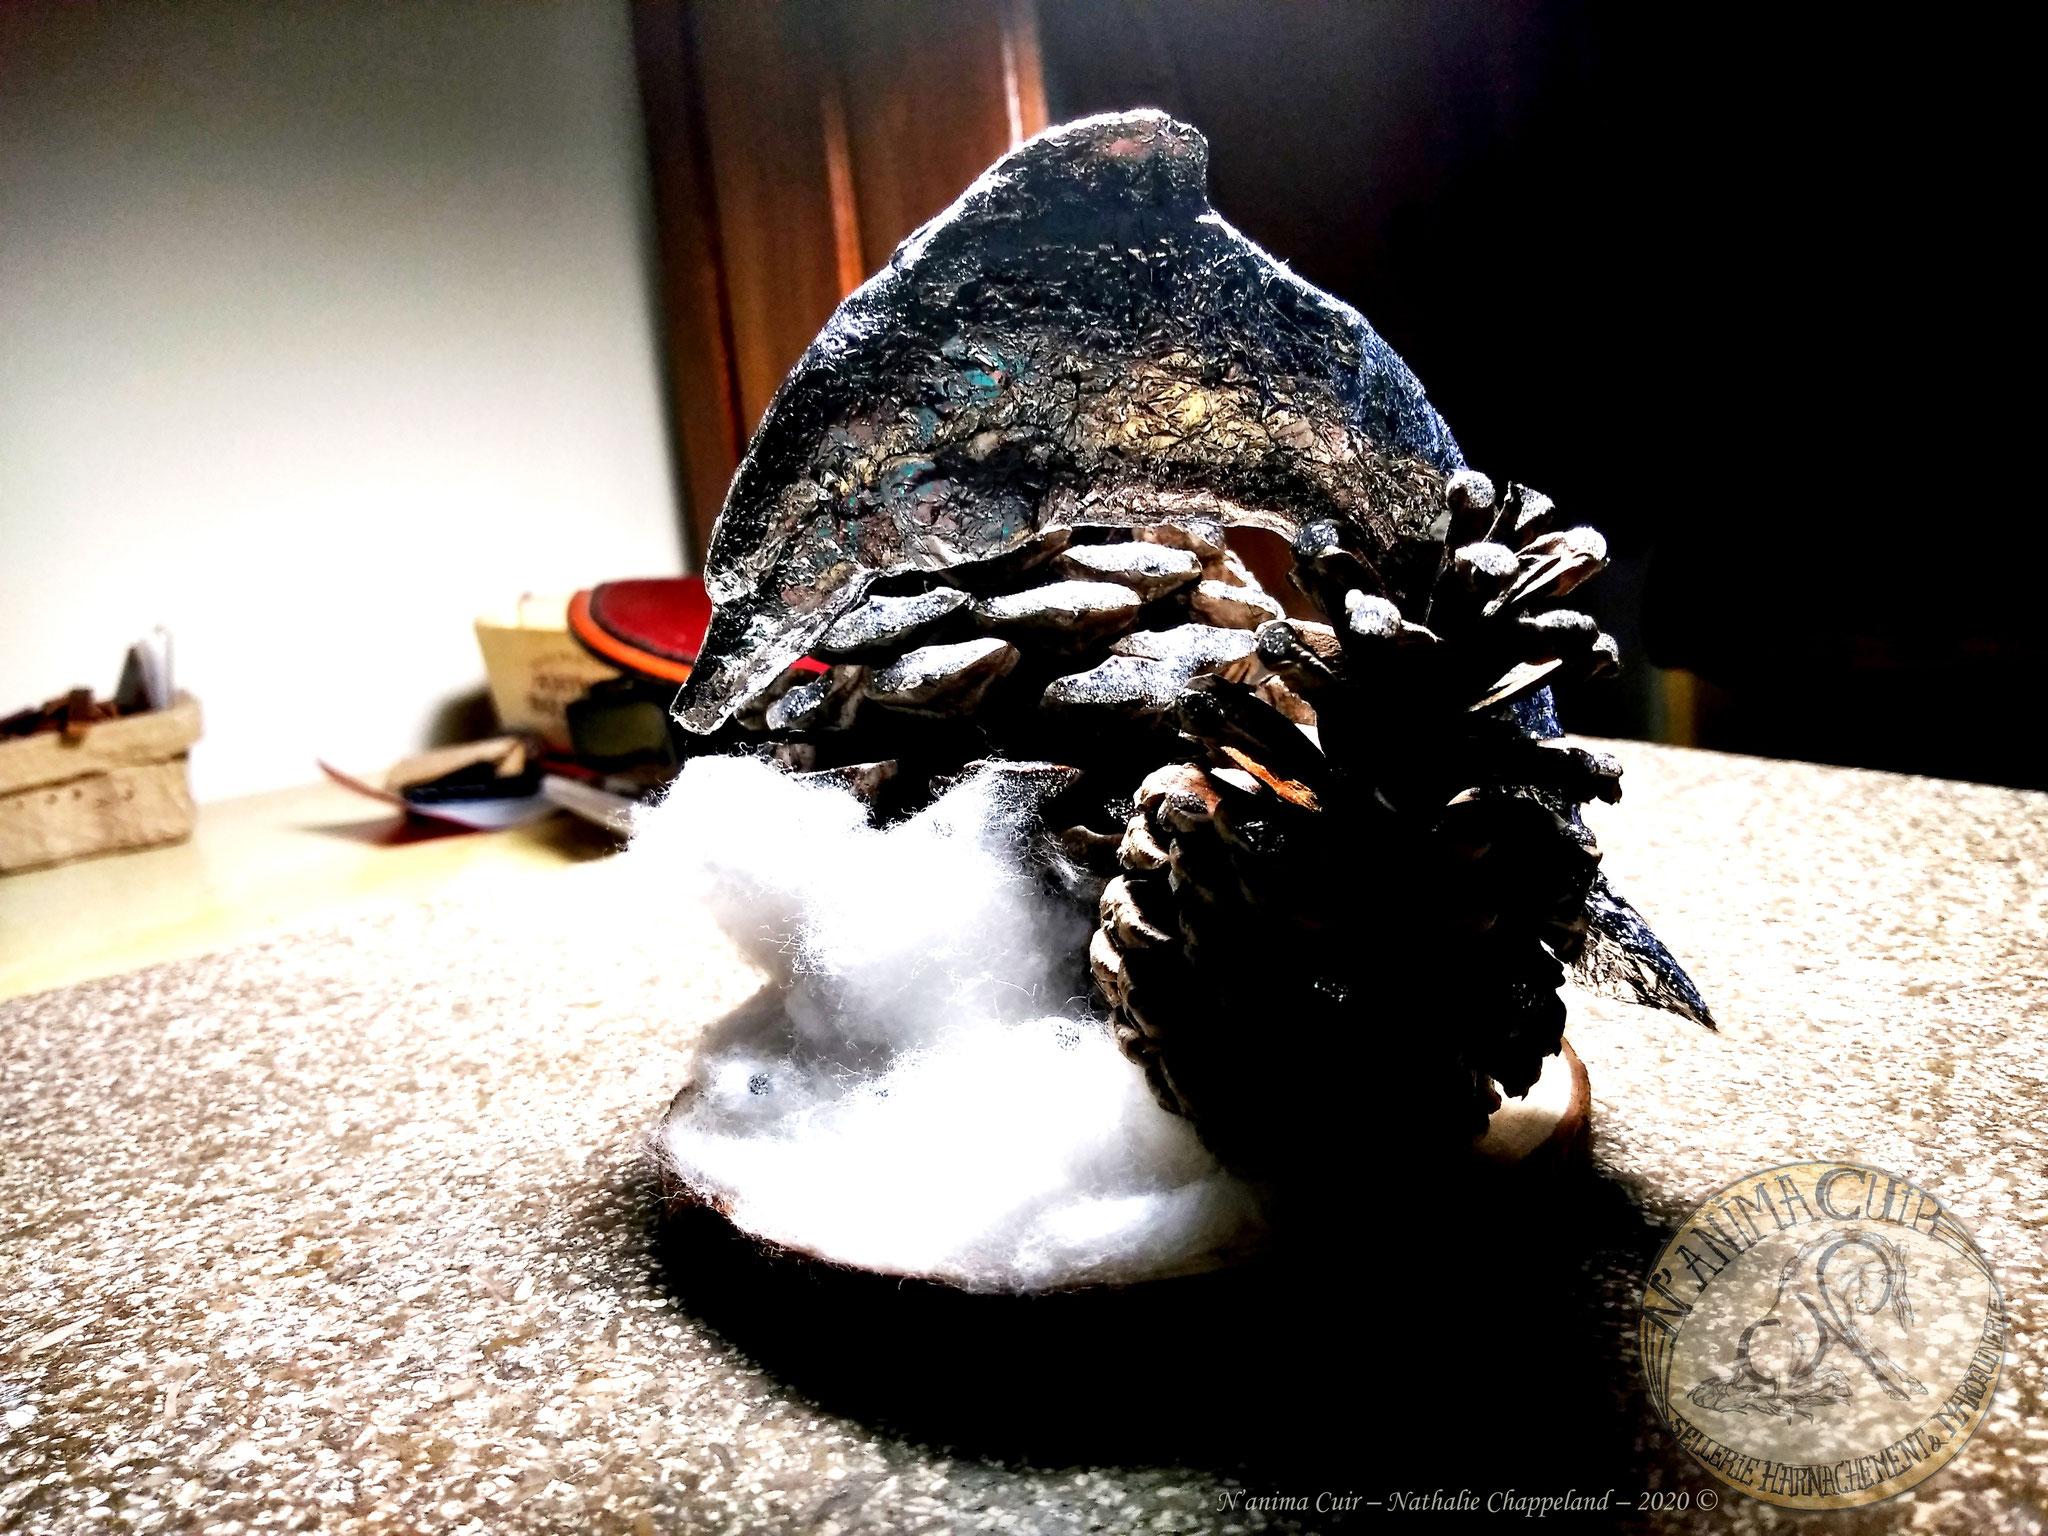 """Décoration d'intérieur unique - N'anima Cuir2020 © bois naturel, pommes de pins soigneusement choisies - nettoyées - séchées, coton, papier d'aluminium, réalisation de """"mémoire des formes"""" - diam.~120mm x H.115mm"""